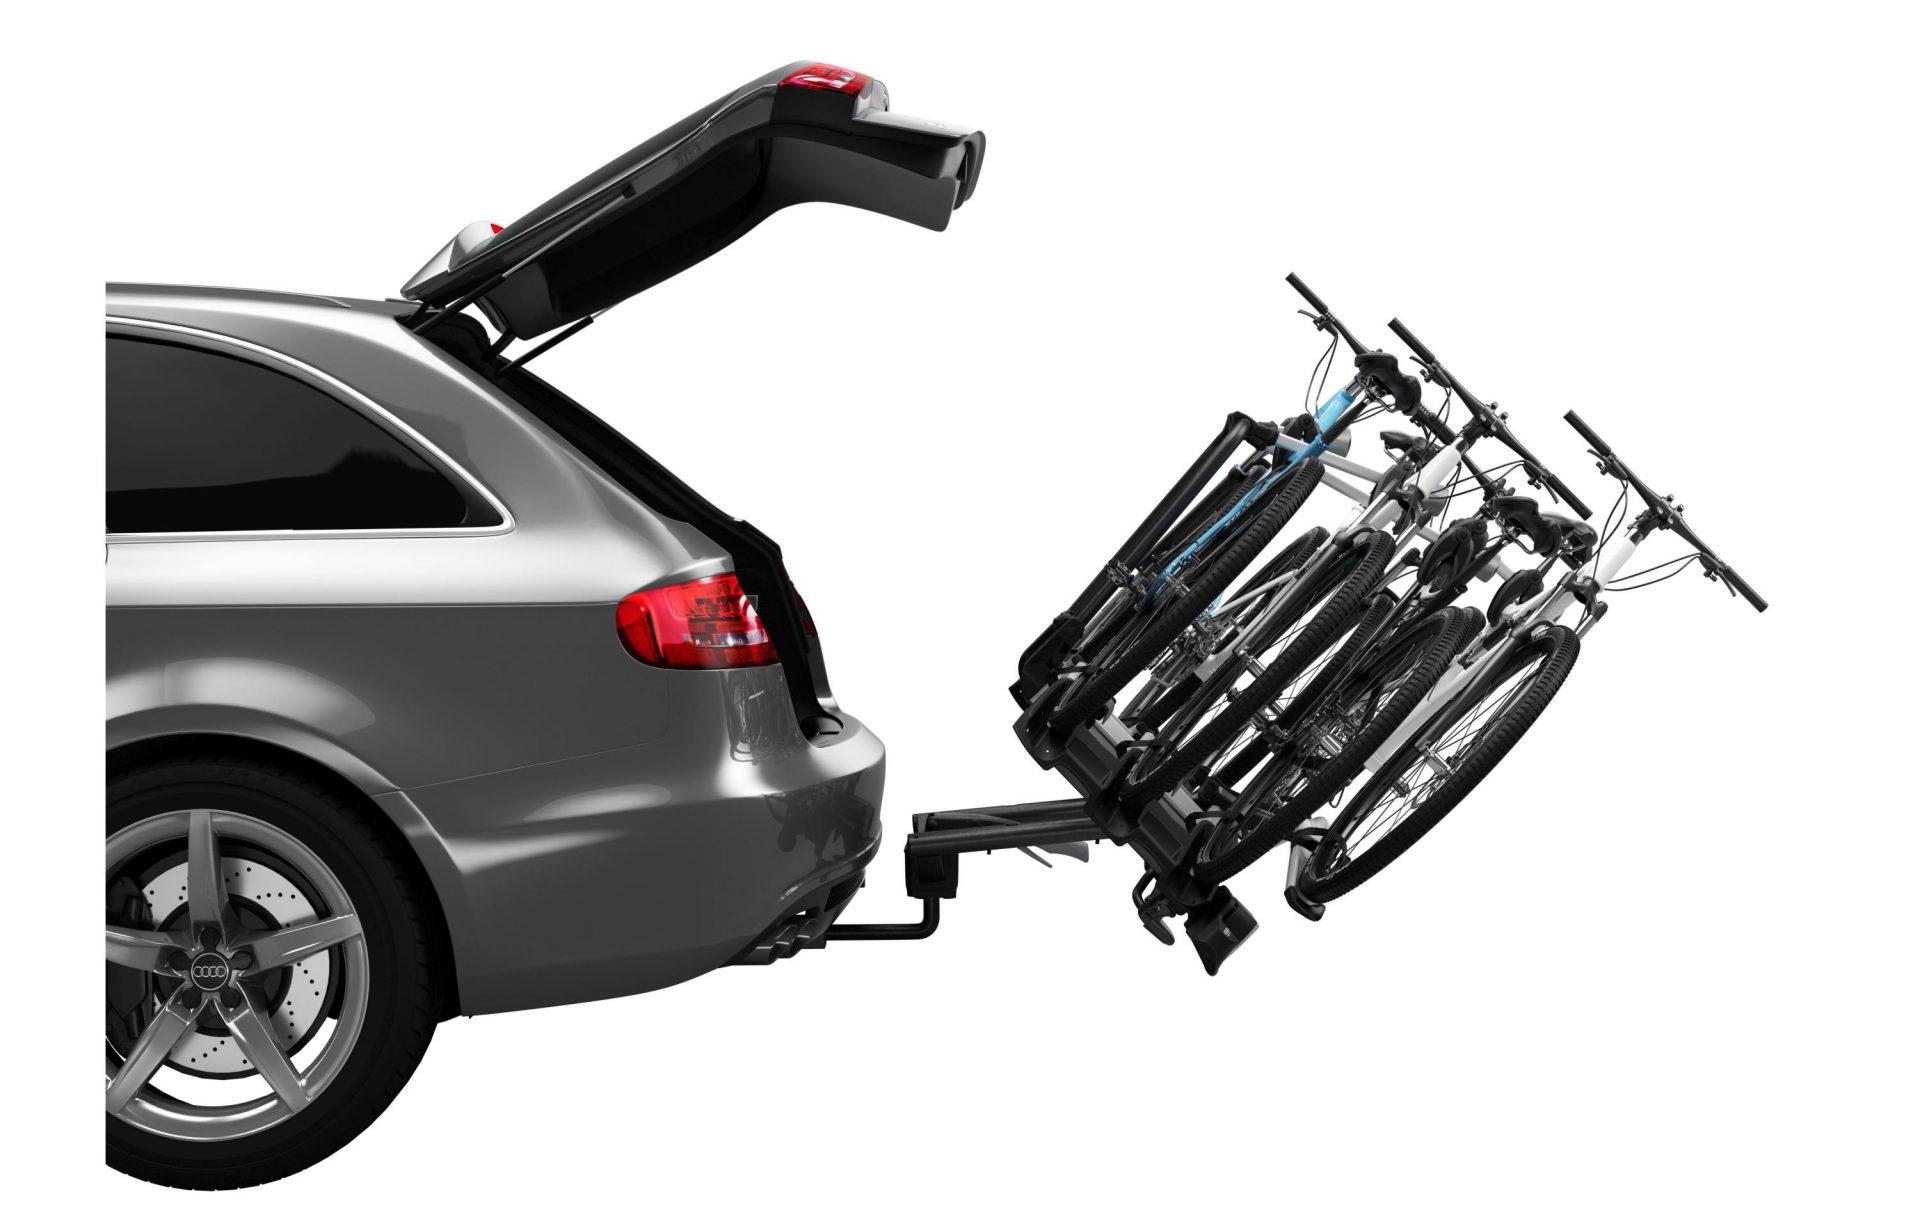 Nosič jízdního kola na tažné zařízení. Možnost sklopení představuje dnes běžný standard.